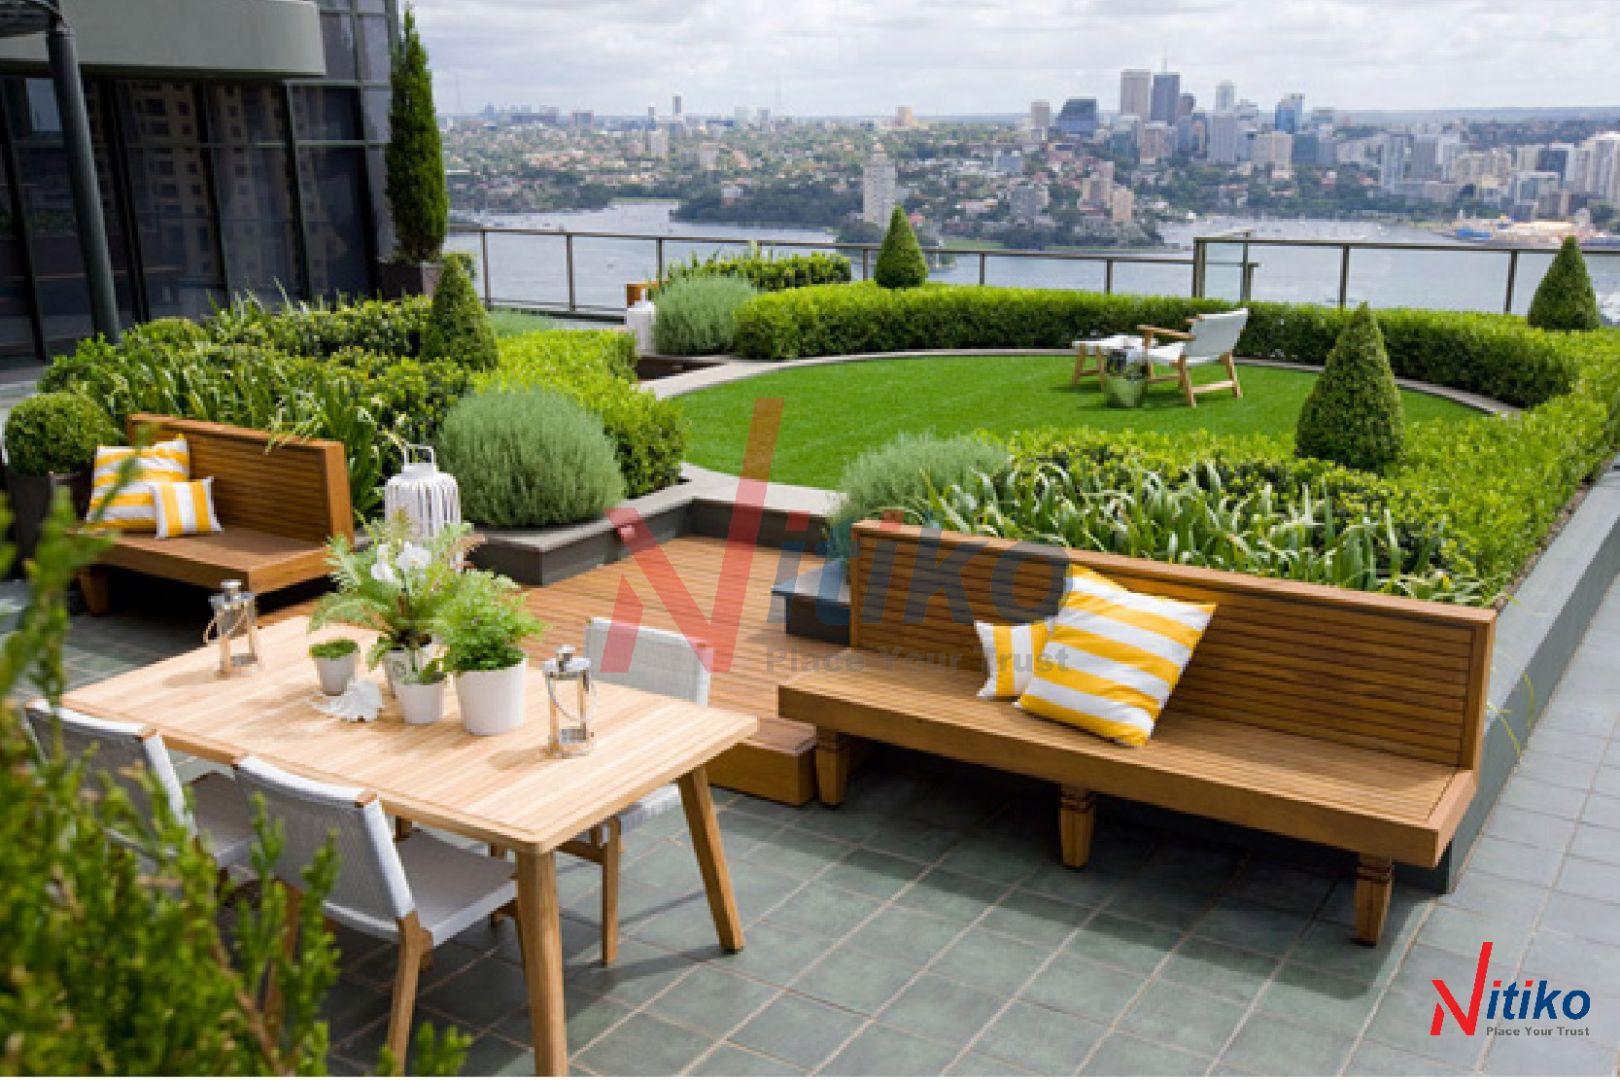 Kiến trúc xanh trong thiết kế cảnh quan